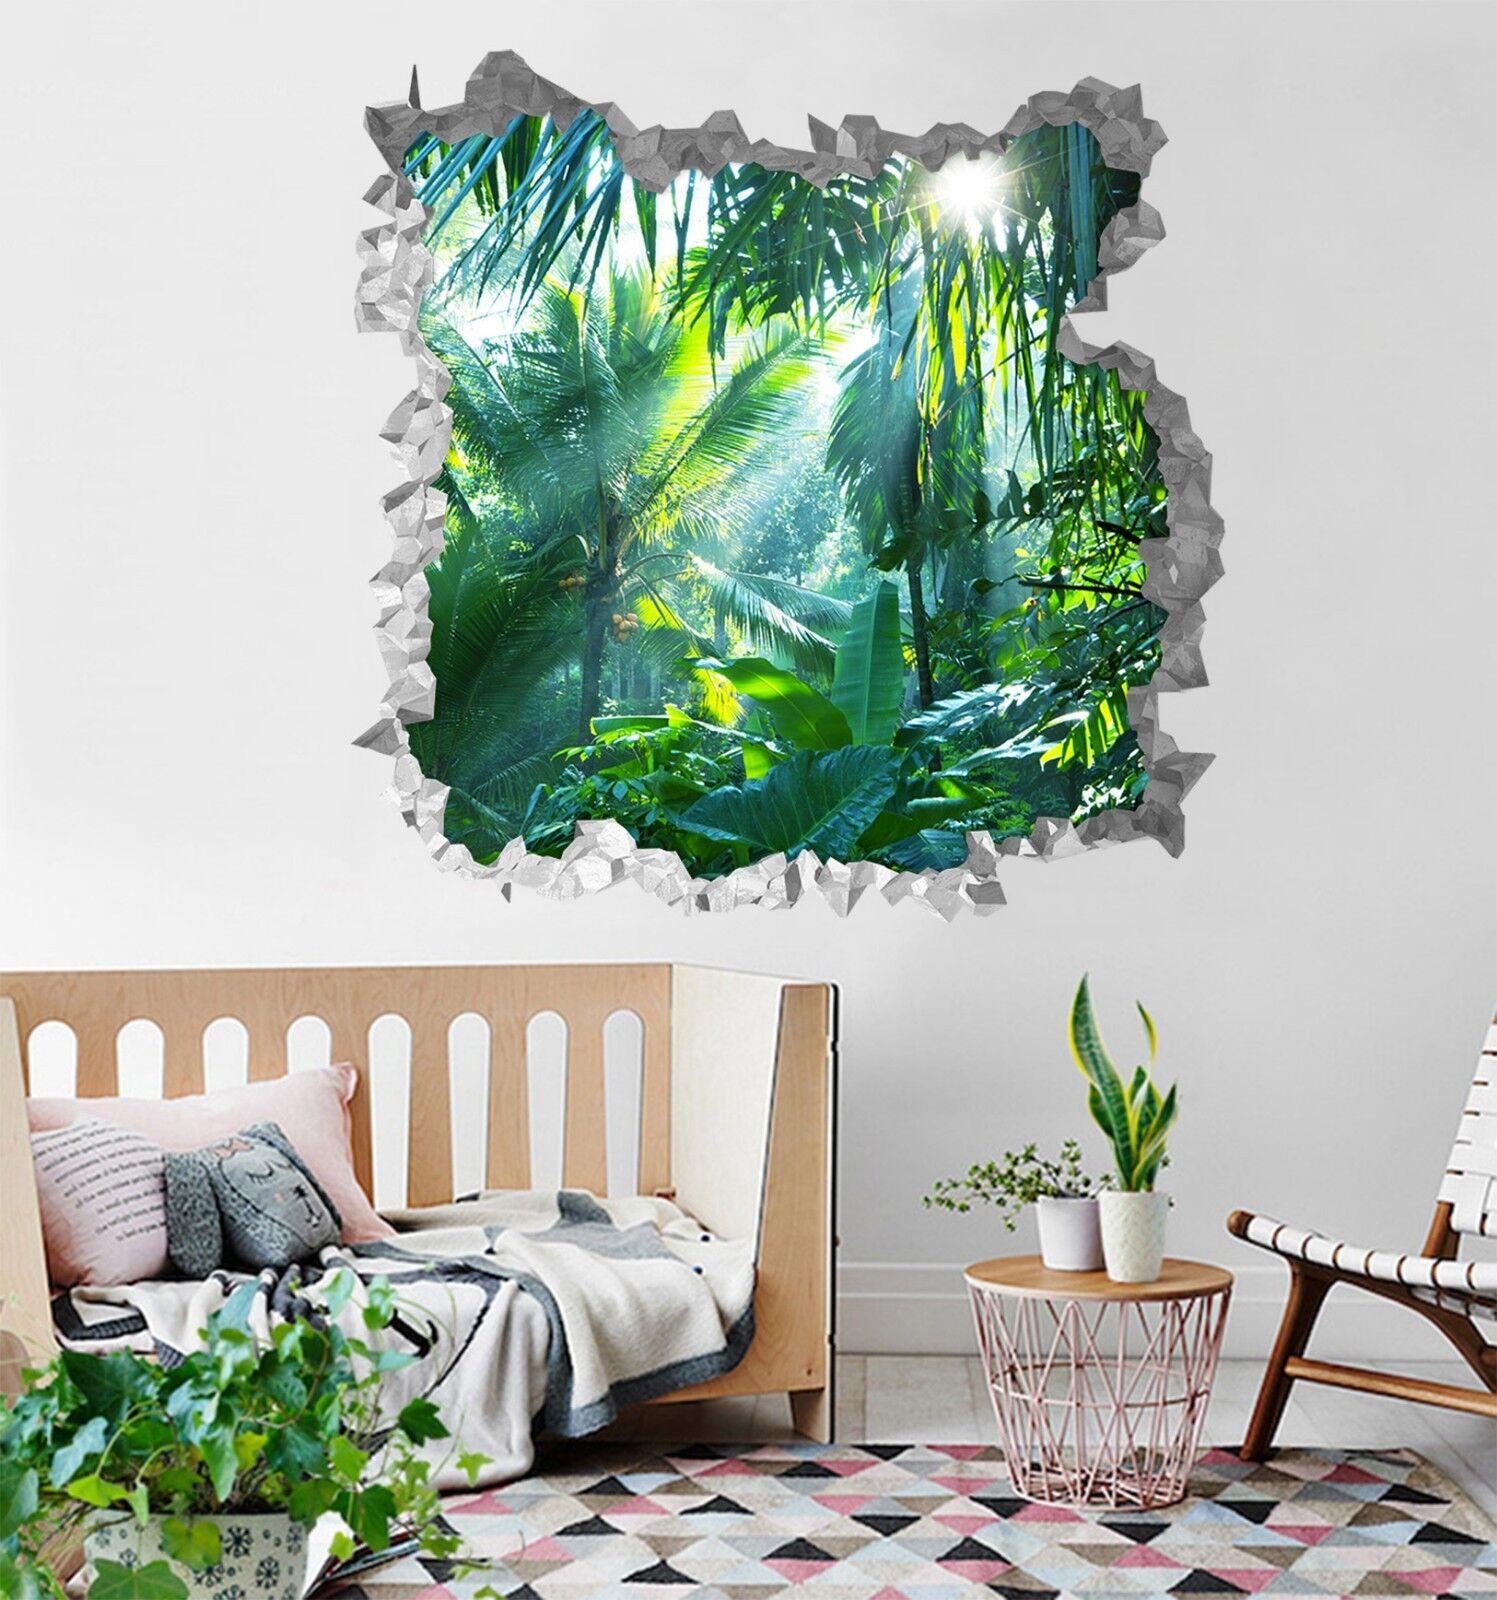 3D Grüner Wald 096 Mauer Murals Mauer Aufklebe Decal Durchbruch AJ WALLPAPER DE